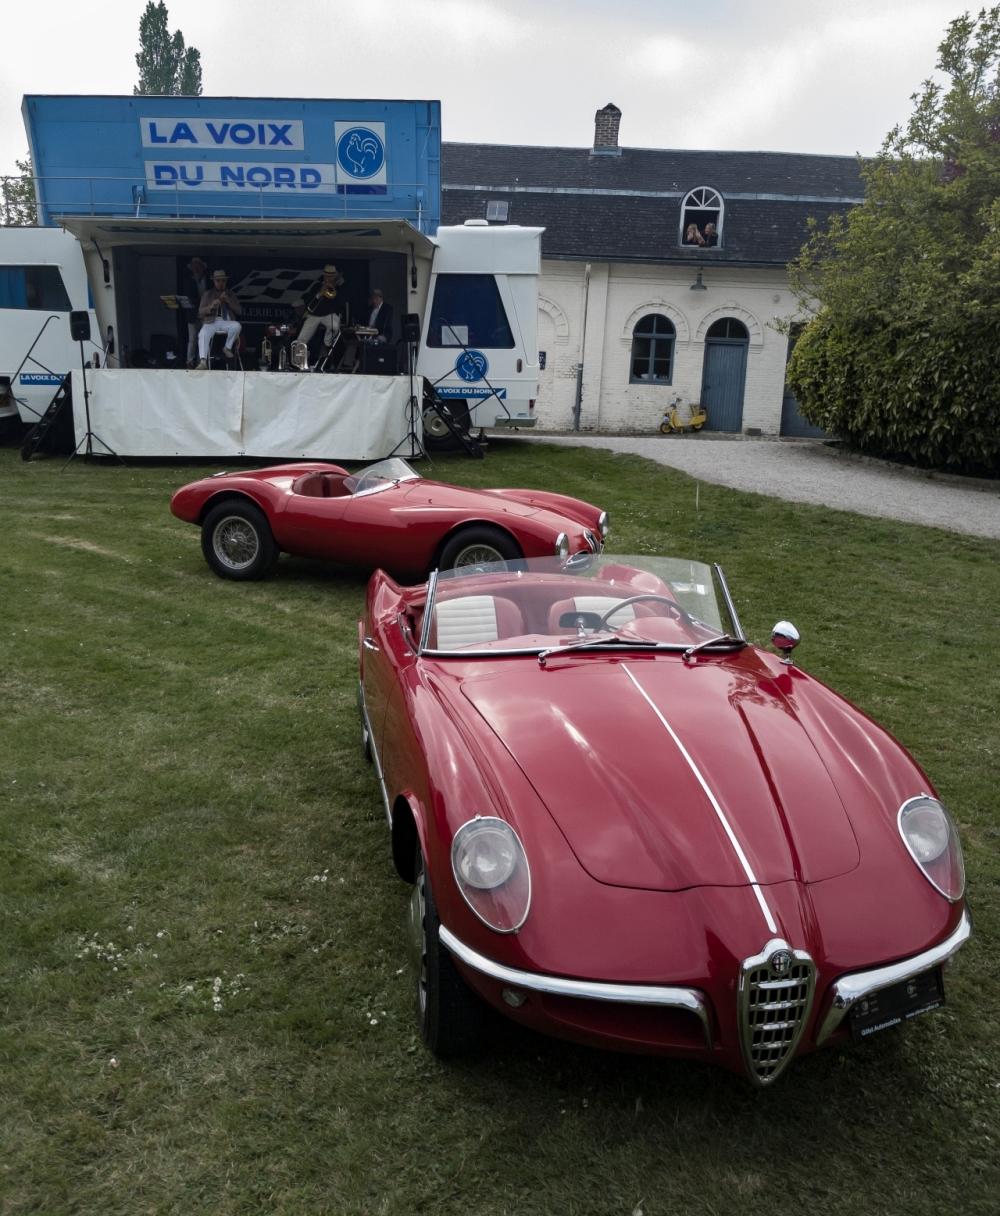 Alfa Romeo, La Voix du Nord Disco Volante - Belles autos, bons amis et bonne musique le 1er mai à Cassel